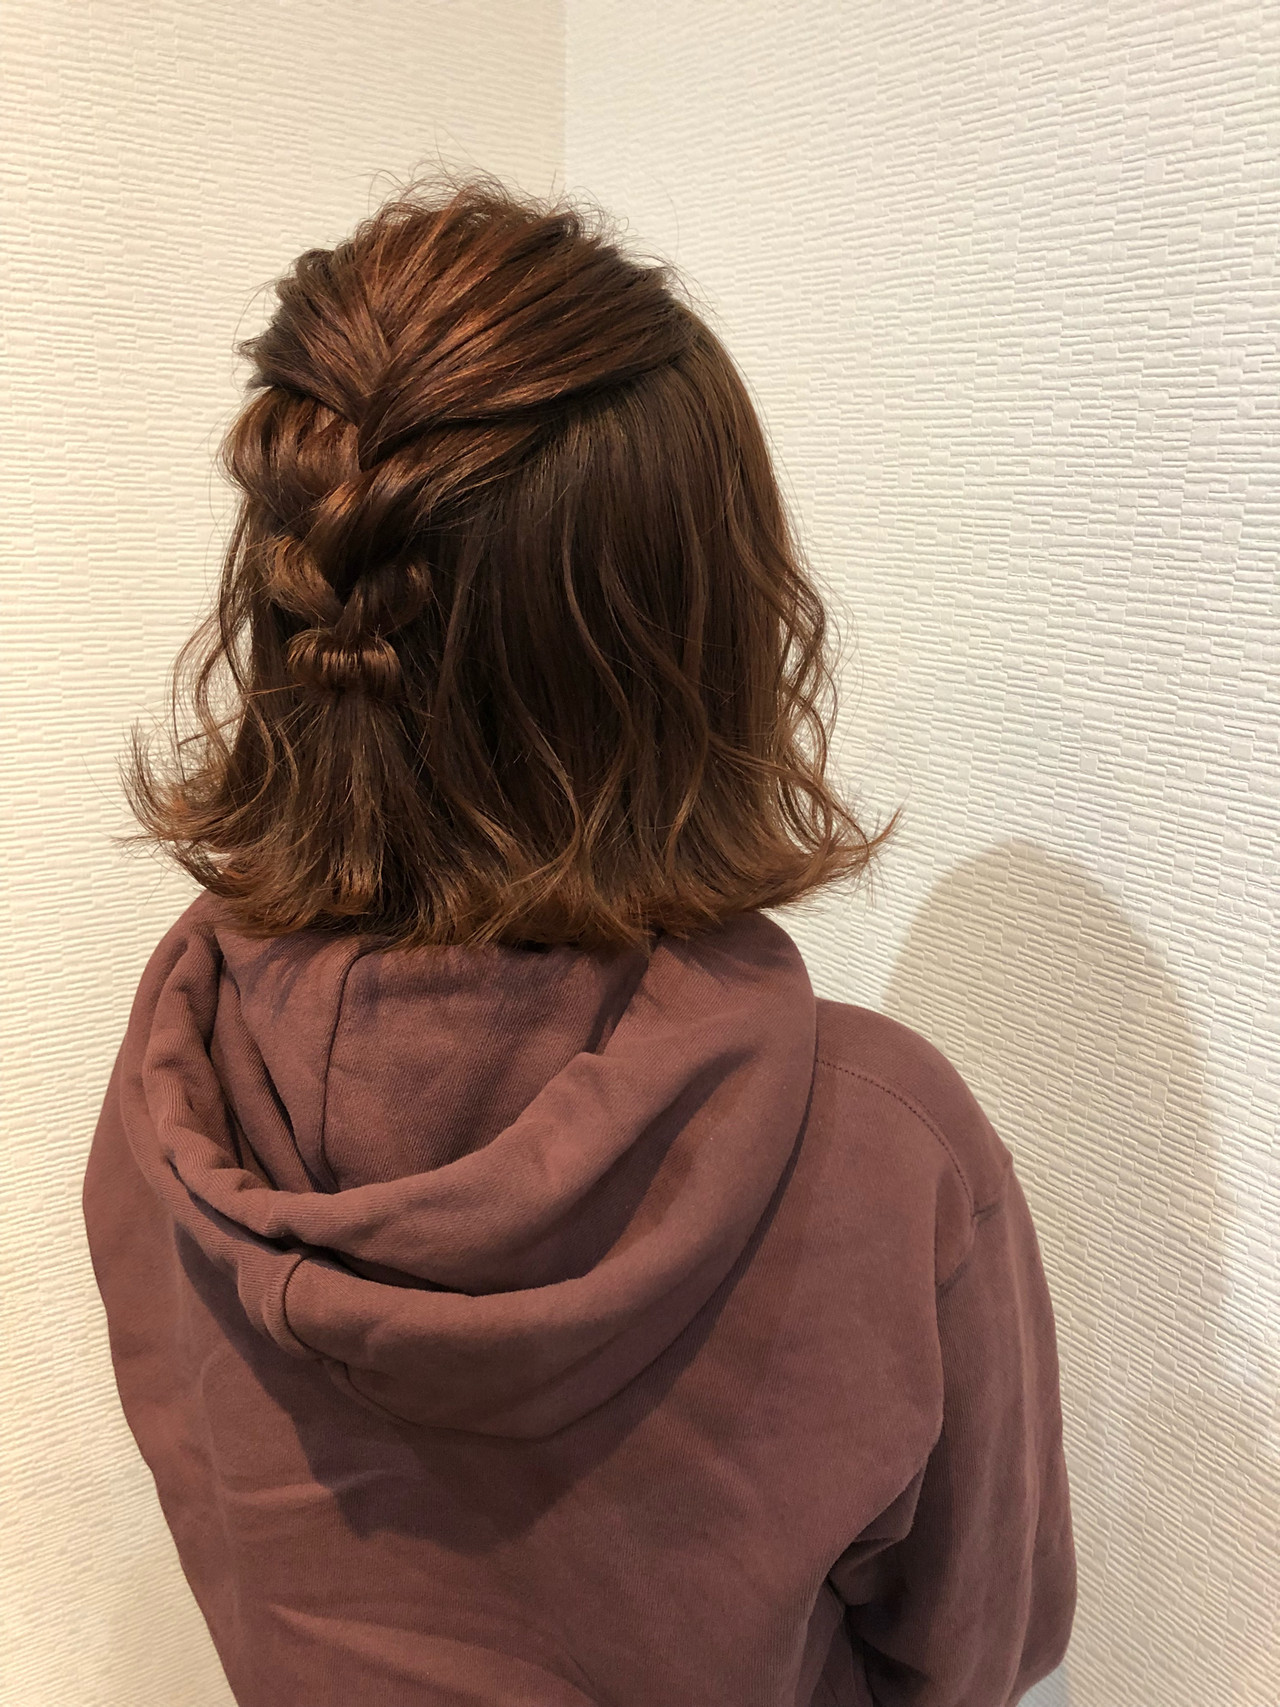 ヘアアレンジ ボブ ハーフアップ 編み込み ヘアスタイルや髪型の写真・画像